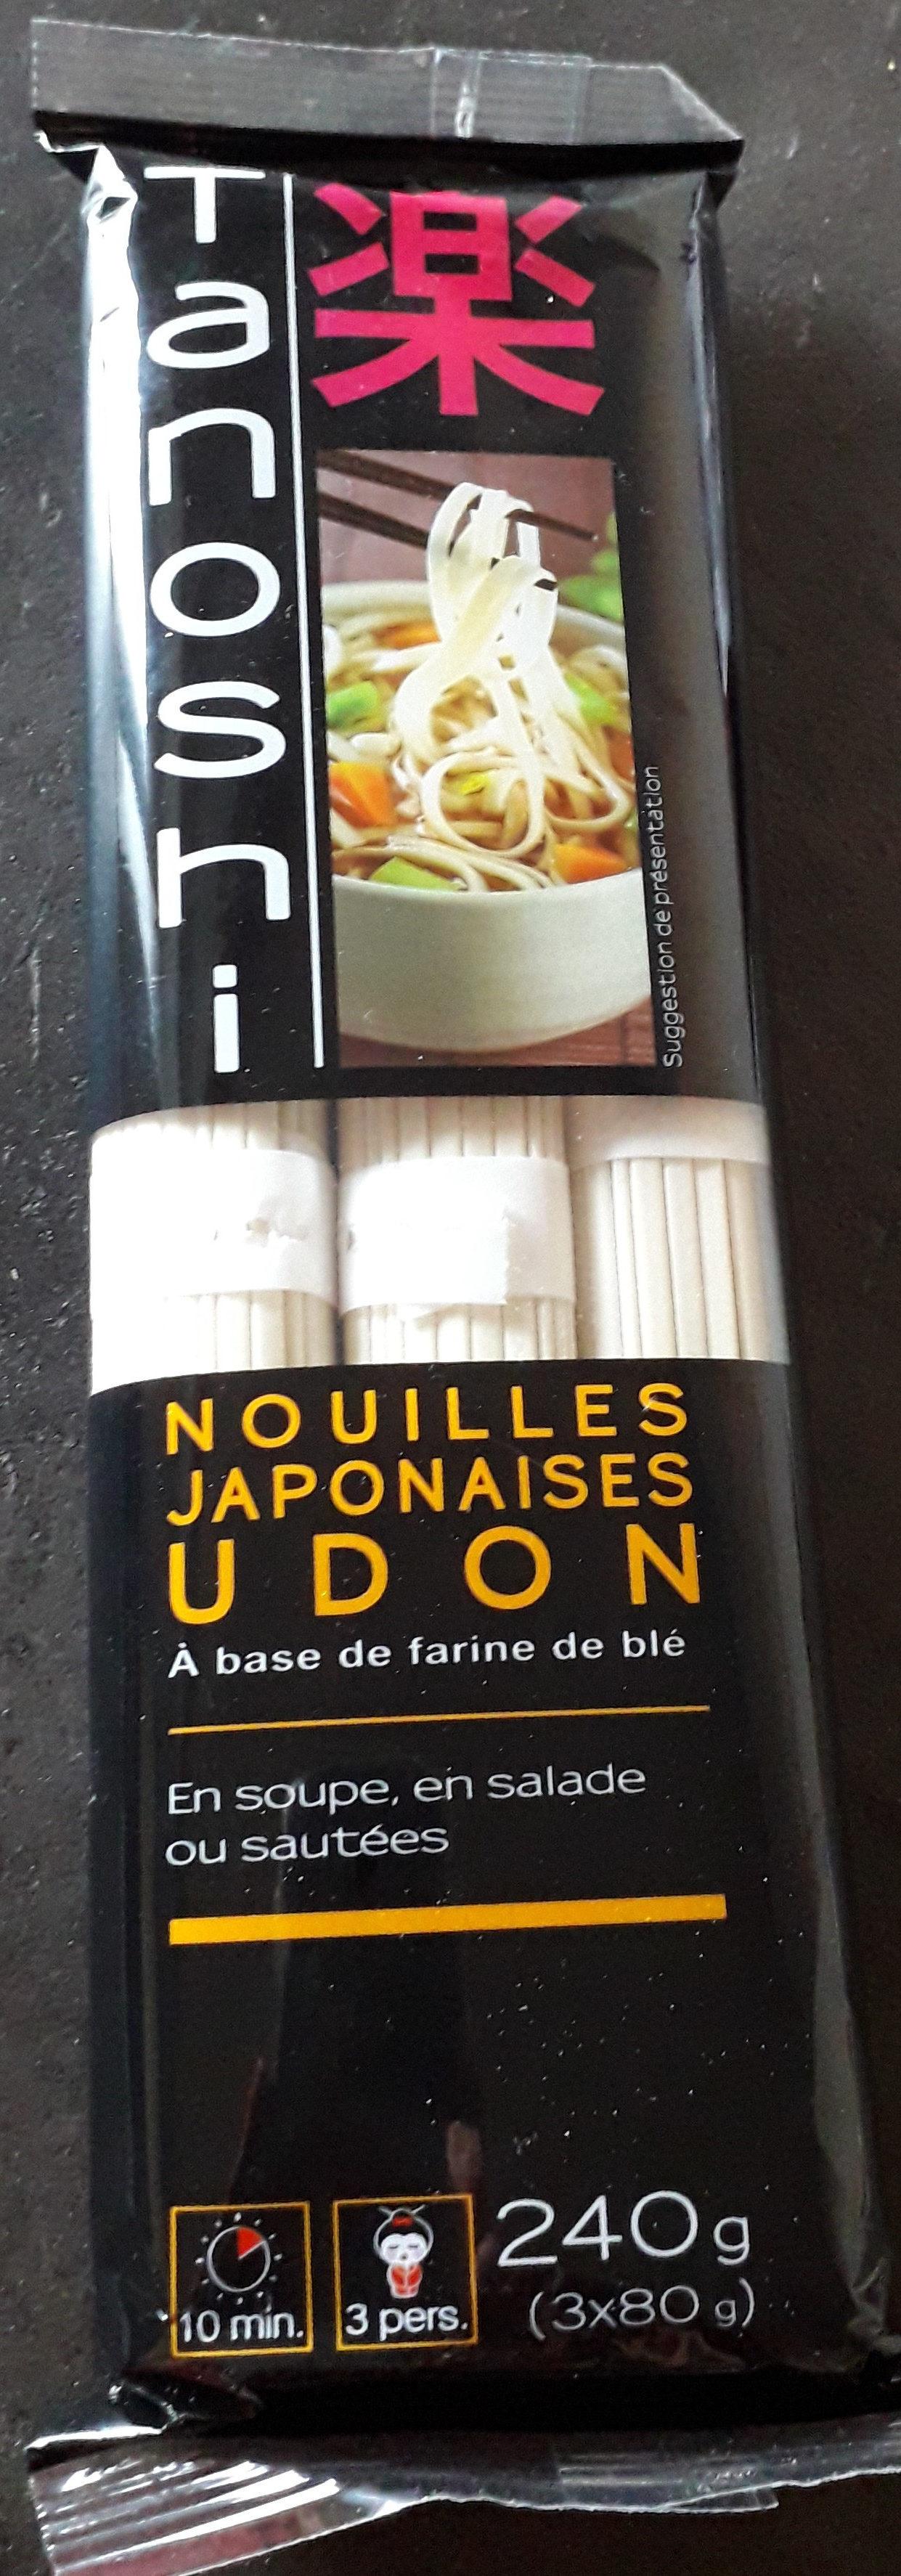 Nouilles udon à cuire - Produit - fr